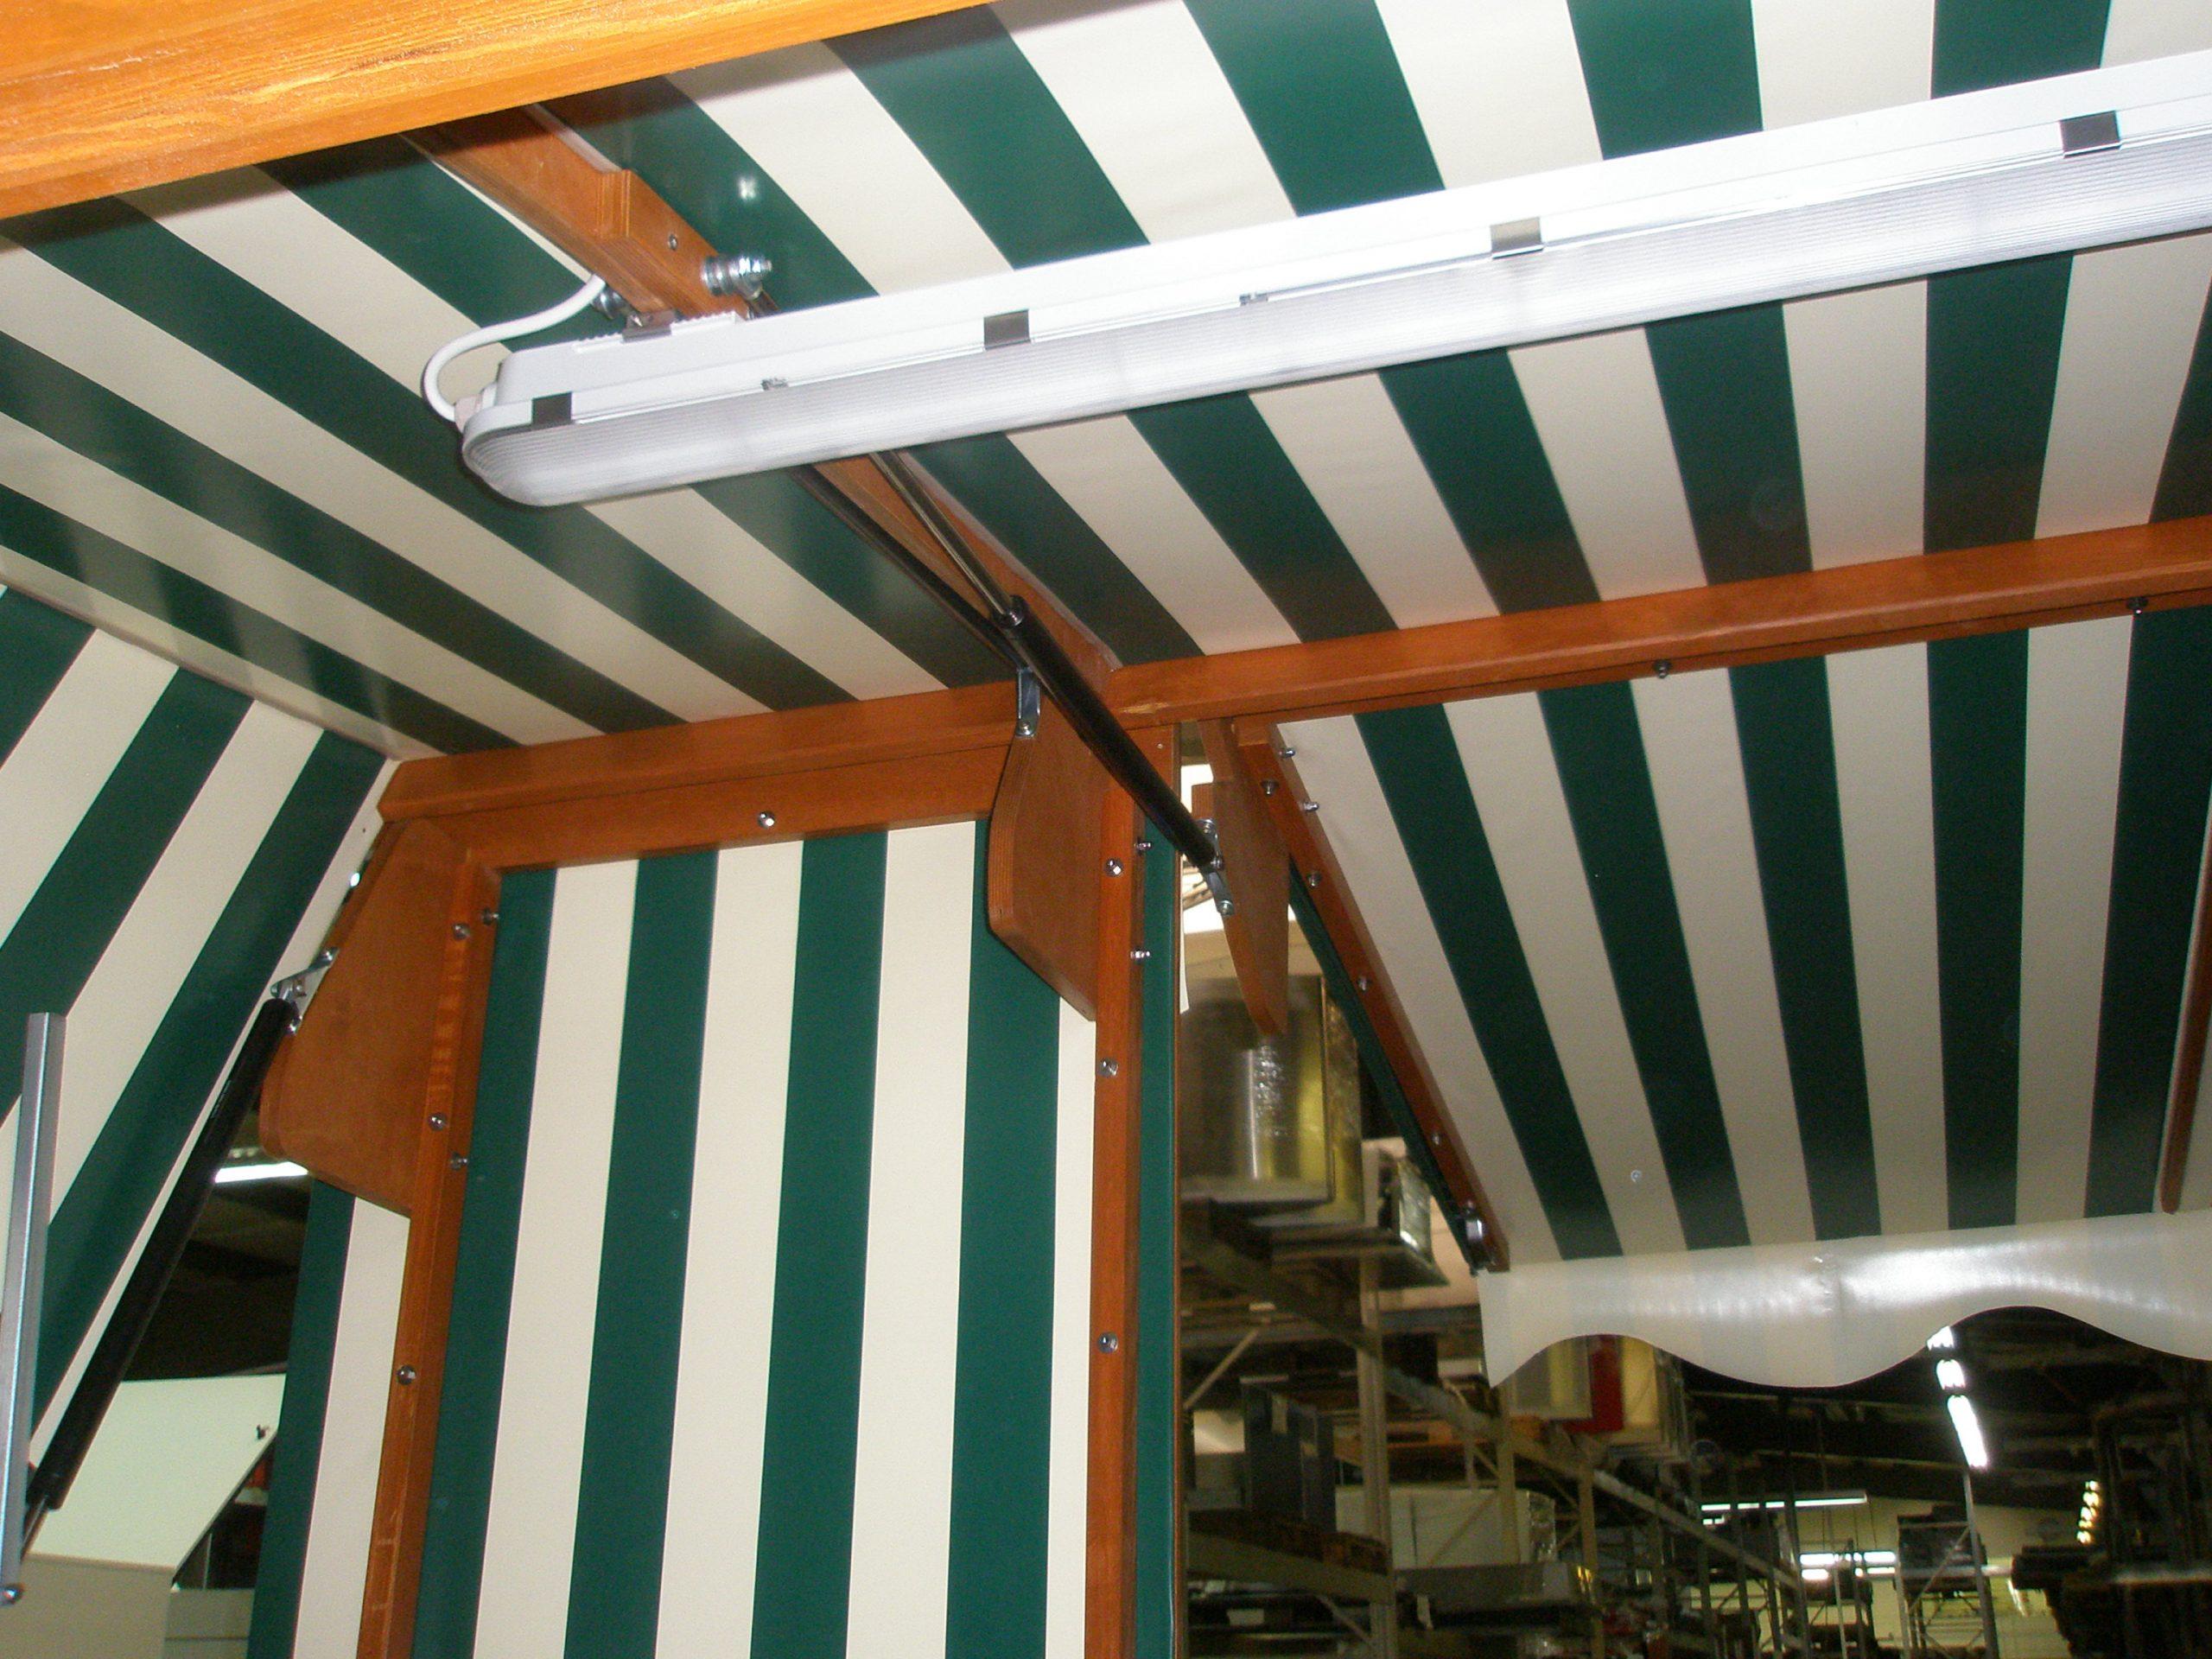 Verkaufskiosk Strandkorb Outdoor Verkaufsstand Imbiss Container mobil